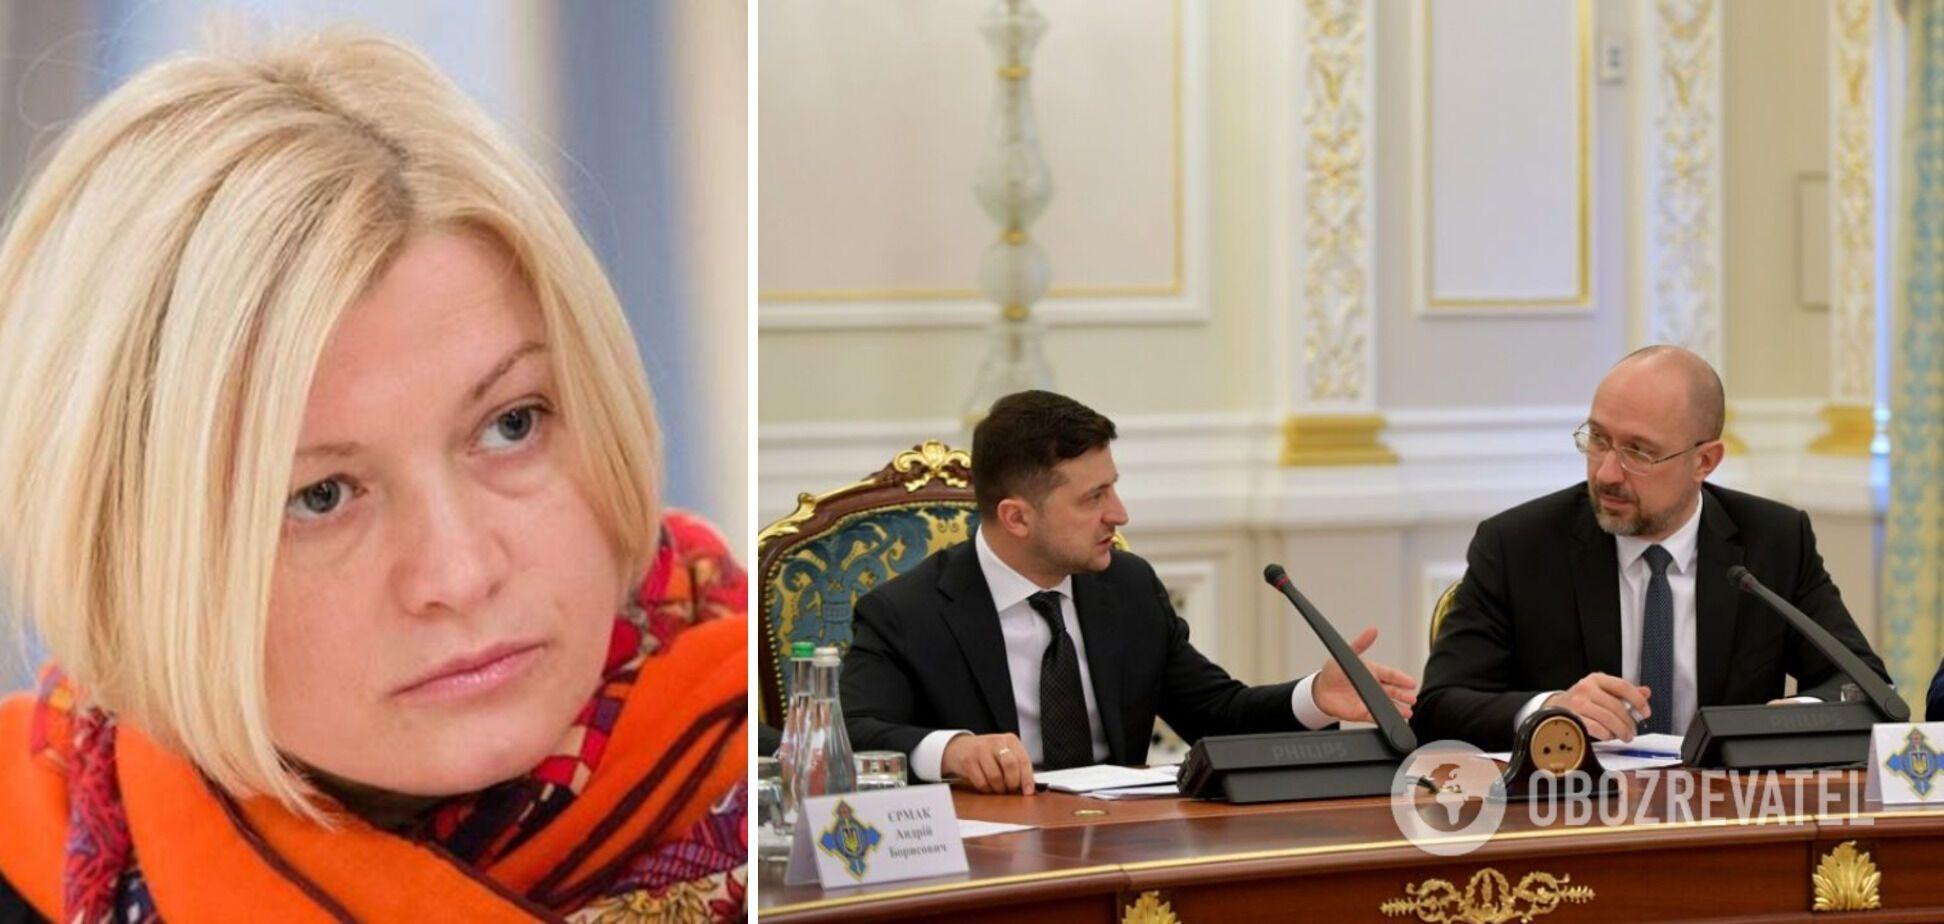 Глава Минюста признал, что законопроект об олигархах направлен против Порошенко, – Геращенко